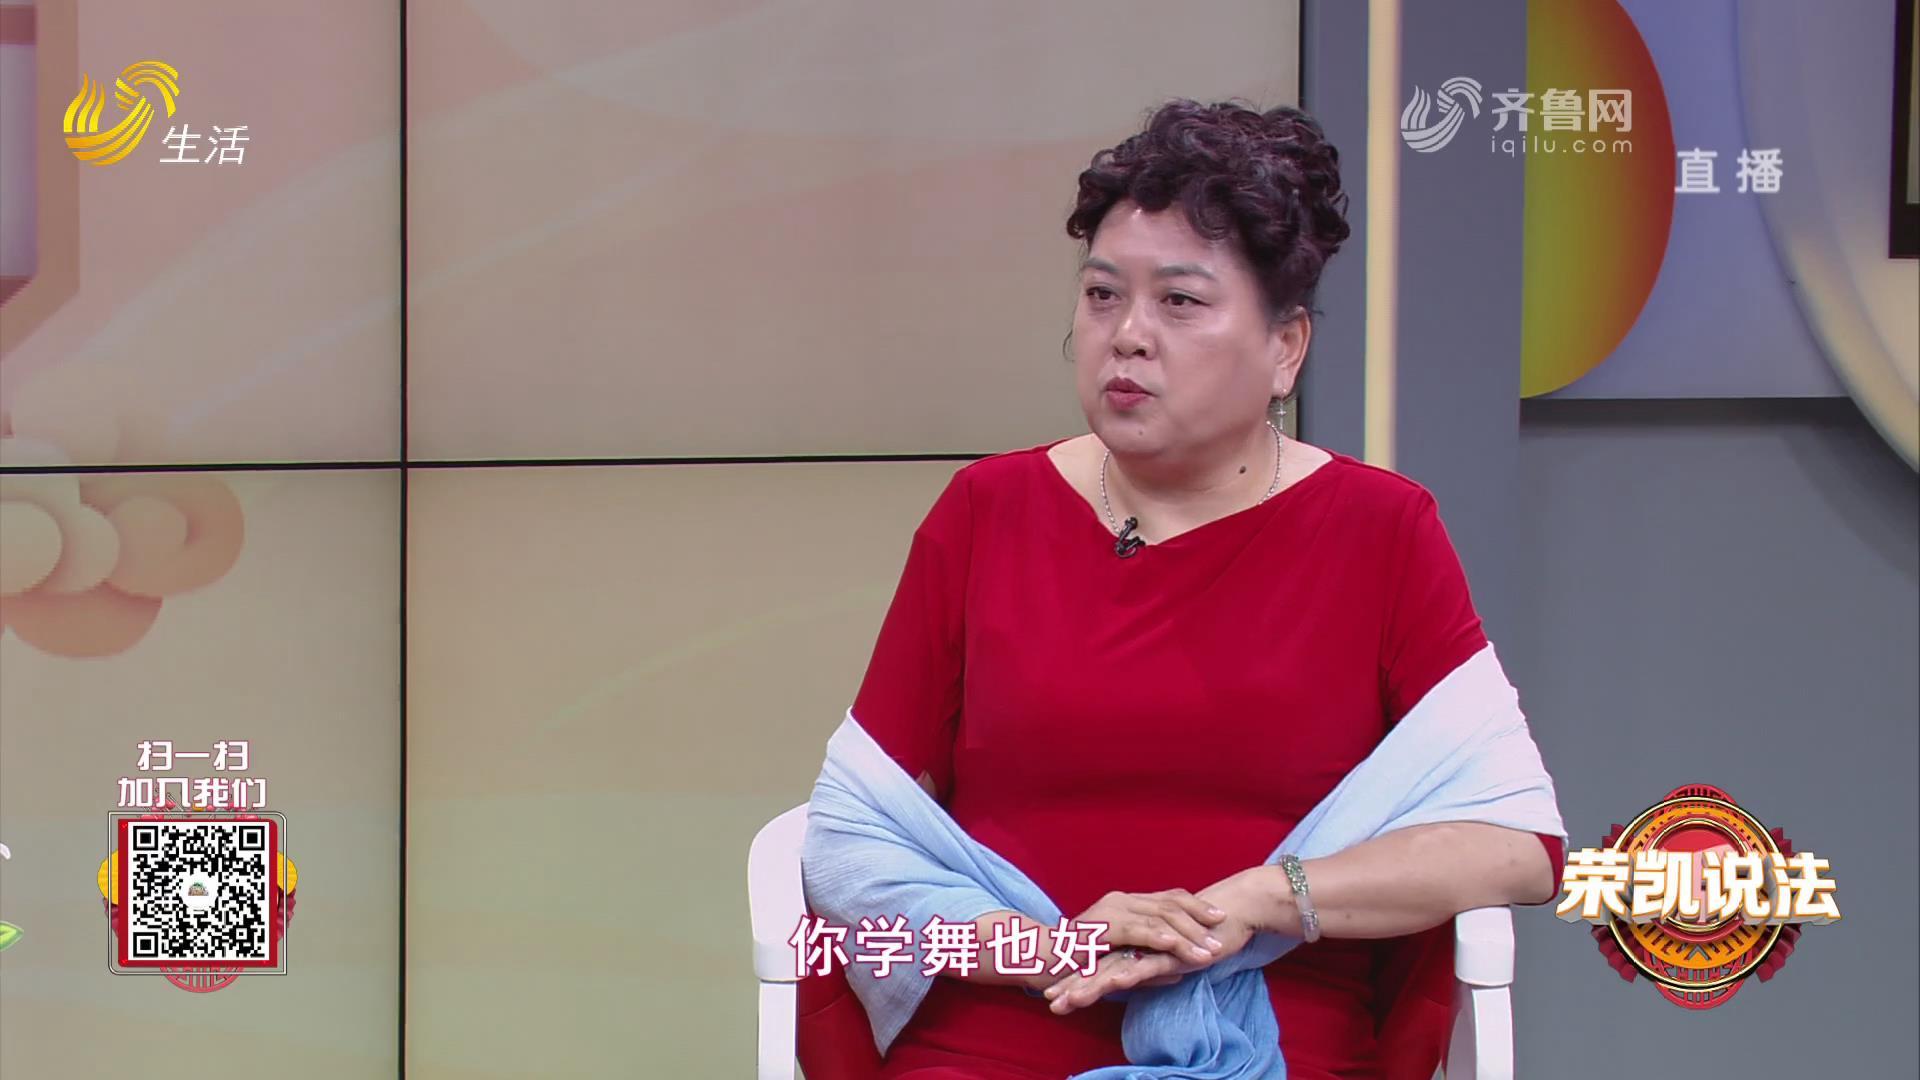 中国式养老- 宫团长:优中选优 精益求精